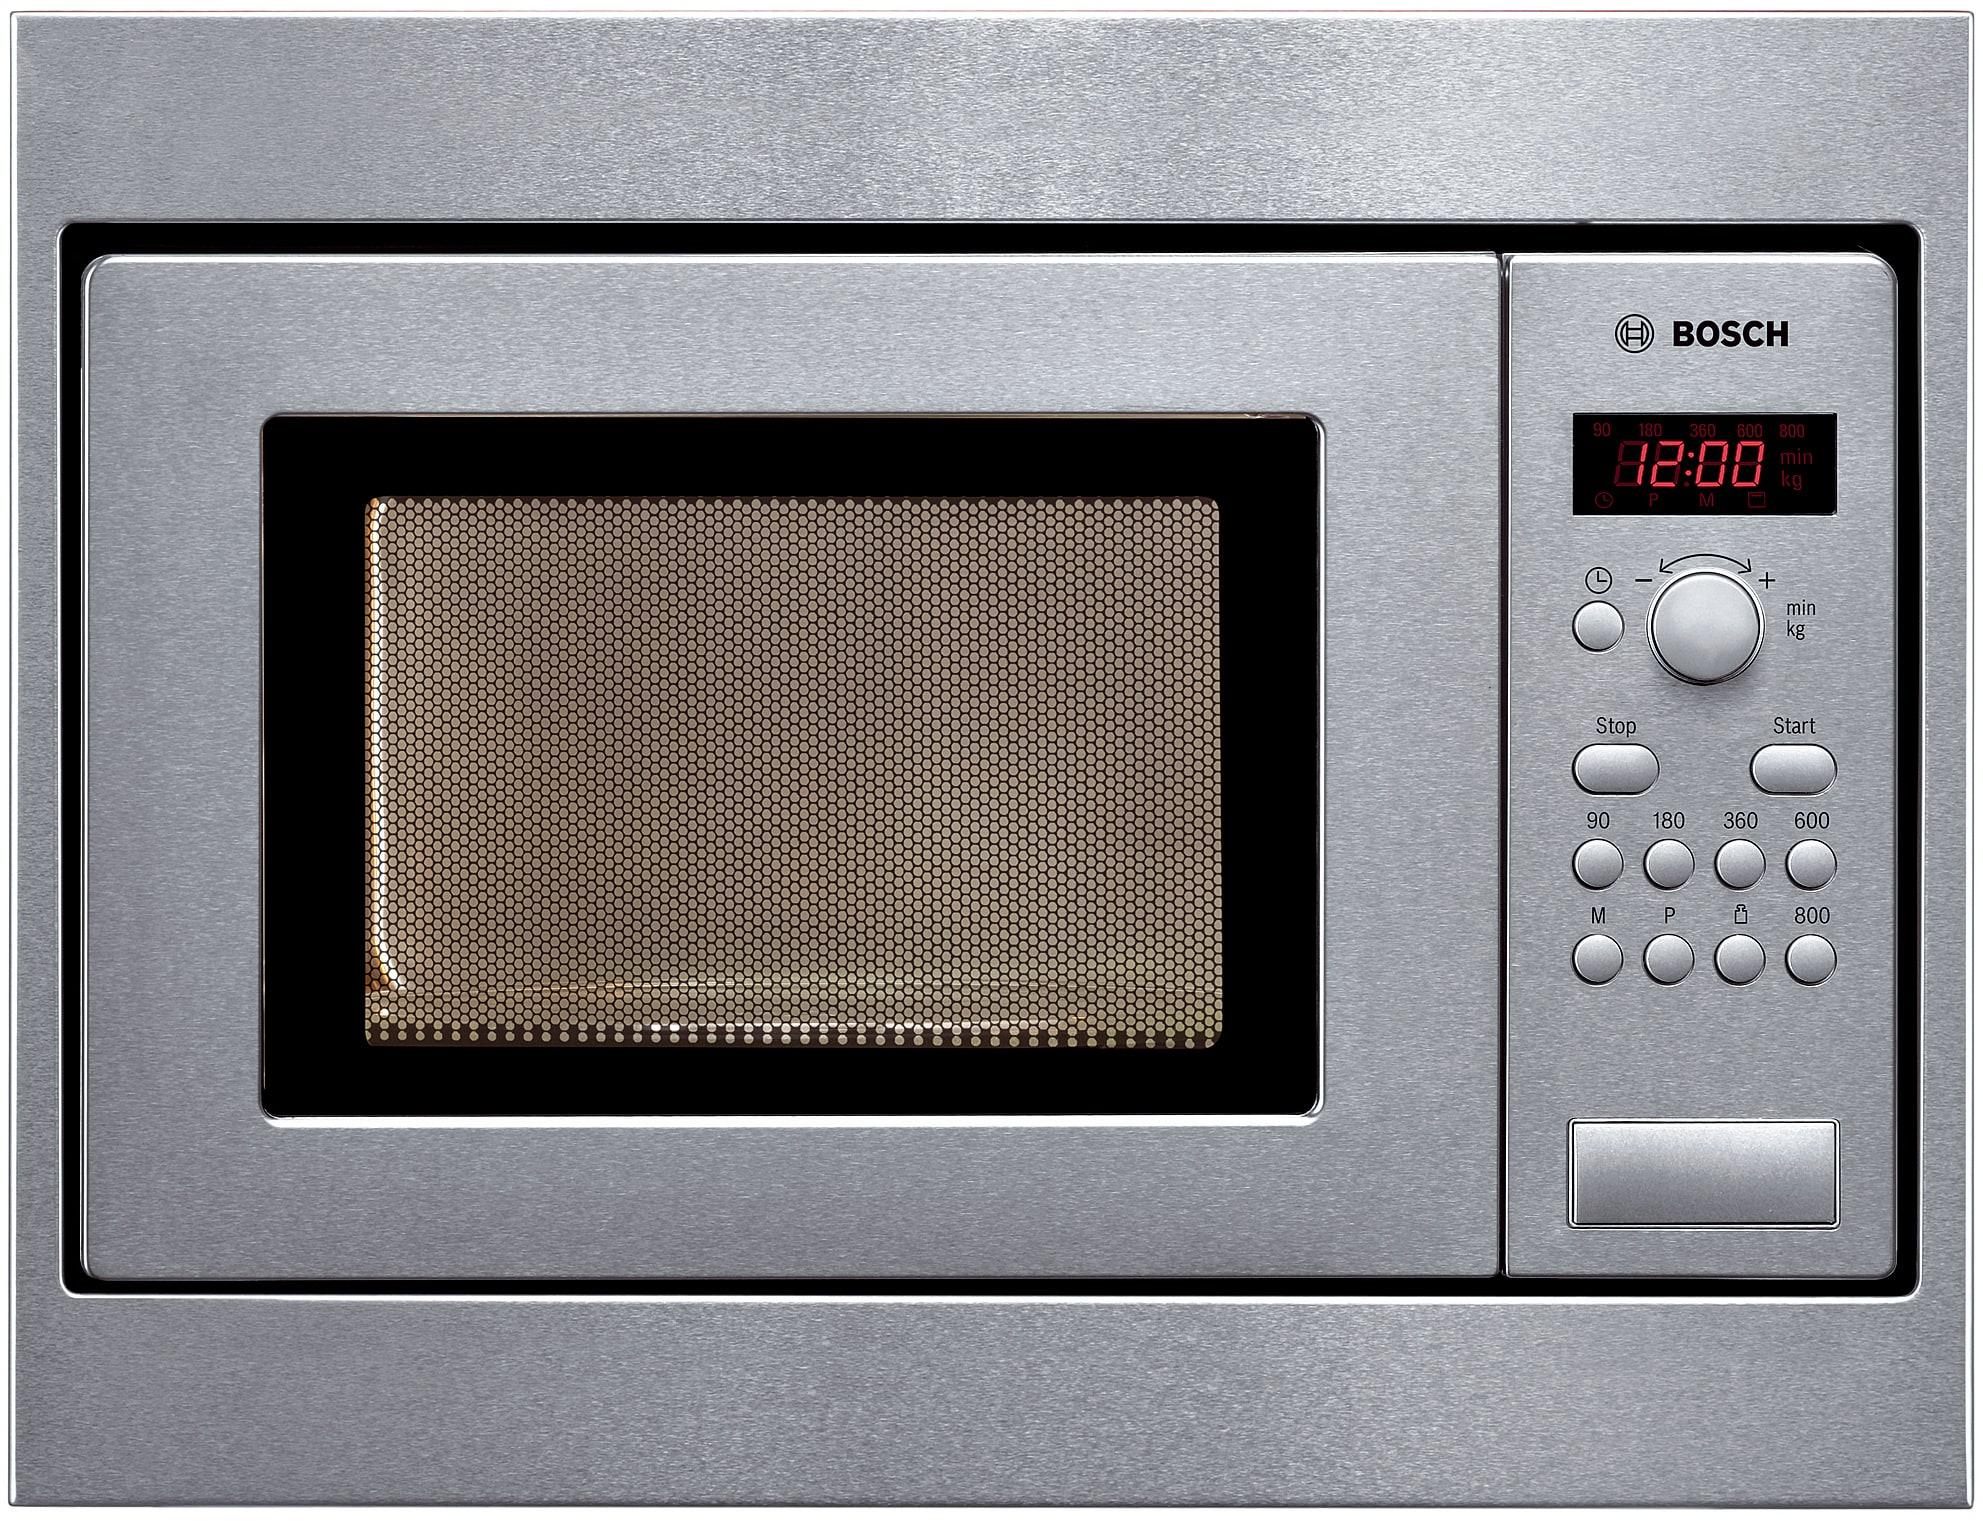 Bosch HMT75M551 38cm Einbau-Mikrowelle 800W 17l 24,5cm Schwenktür AutoPilot 7 für 477,00 Euro